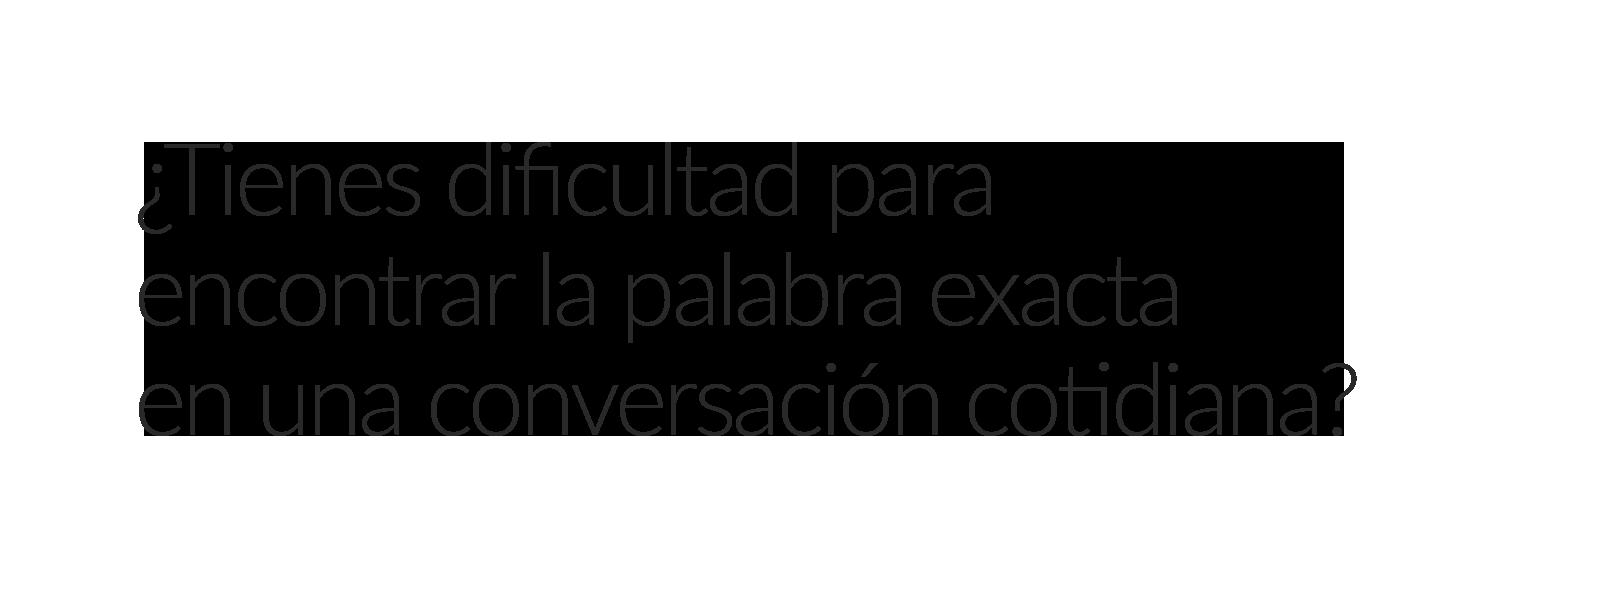 Conversación cotidiana